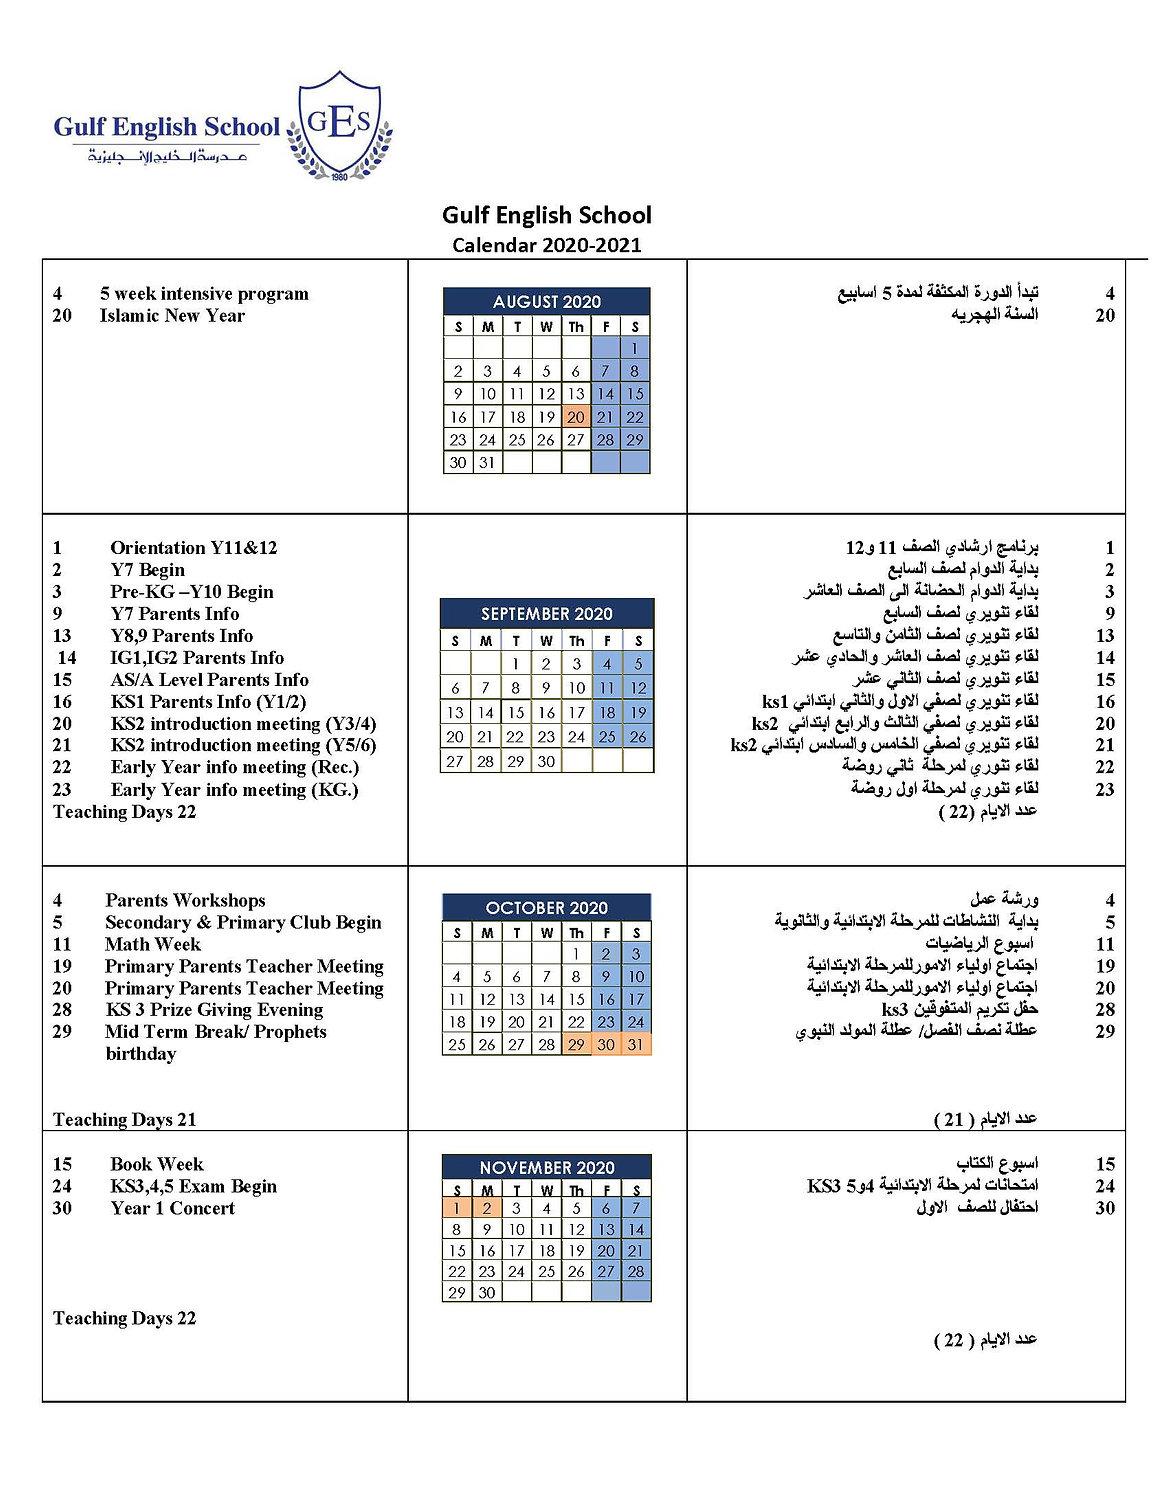 calendar1 2020-2021.jpg